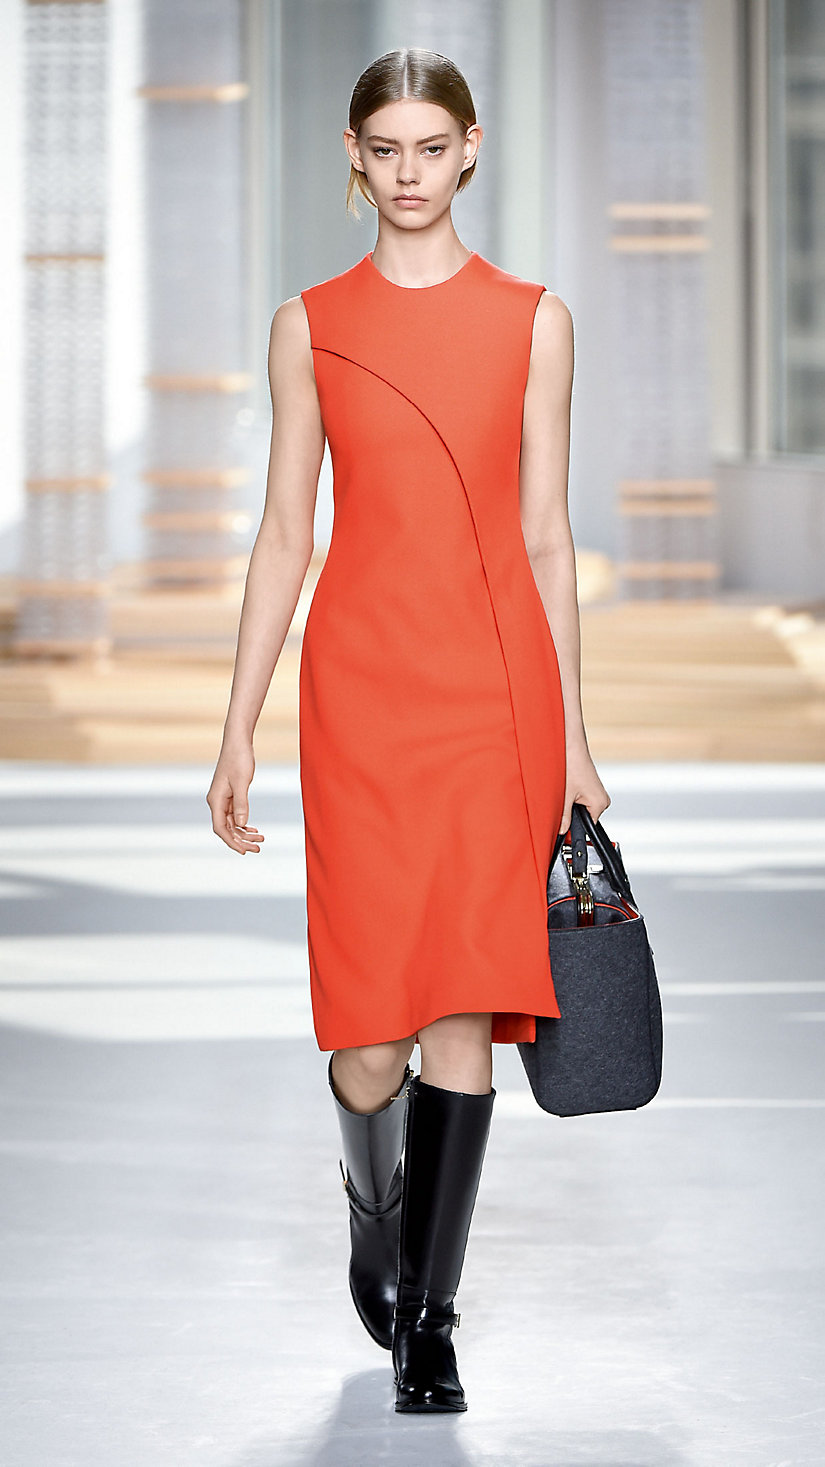 2015 纽约时装周秋冬 T 台秀上一款受包豪斯运动启发的时装